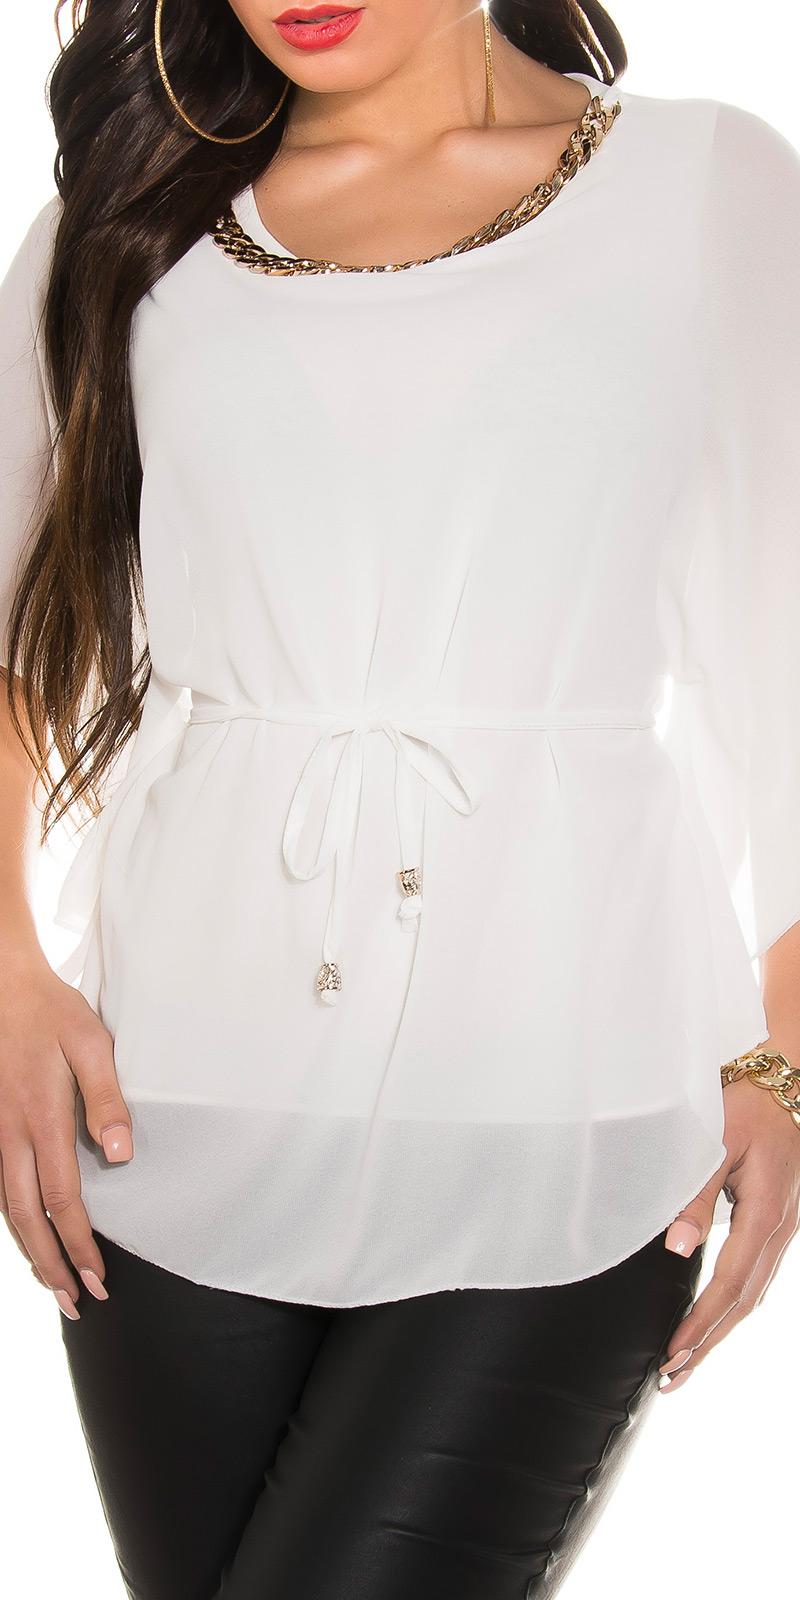 Koucla Shirt Top T-Shirt gestreift mit Knöpfen